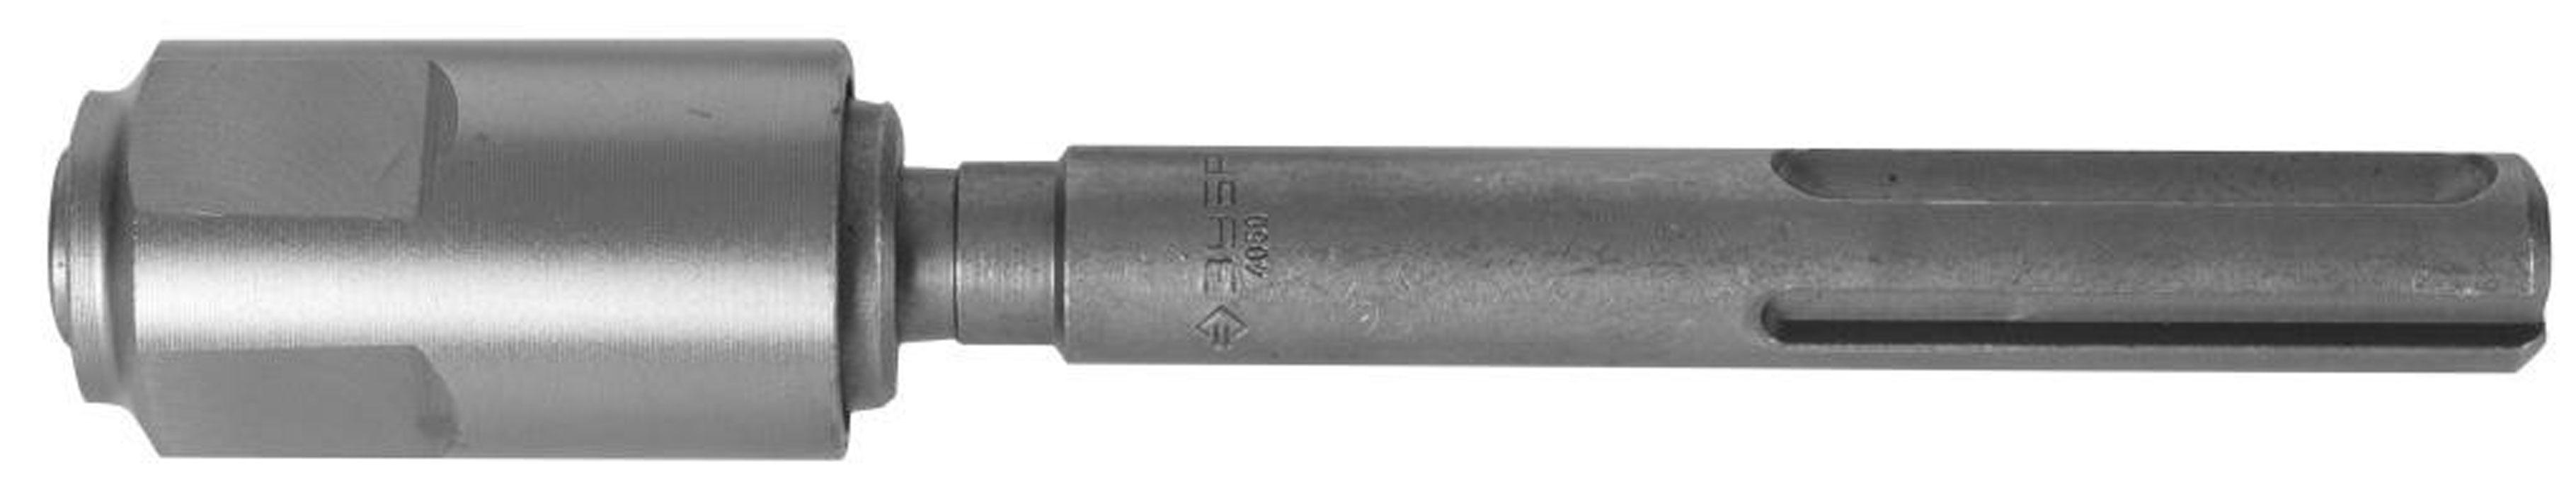 ЗУБР переходник с SDS max на SDS+29064_z01Переходник ЗУБР с SDS-max на SDS-plus предназначен для использования с ударным инструментом, перфоратором по бетону и патроном SDS-max с переходом на крепление оснастки SDS-plus. Компактная пильная шина длиной 26 см Высокая скорость движения цепи — 12 м/с Автоматическая смазка цепи